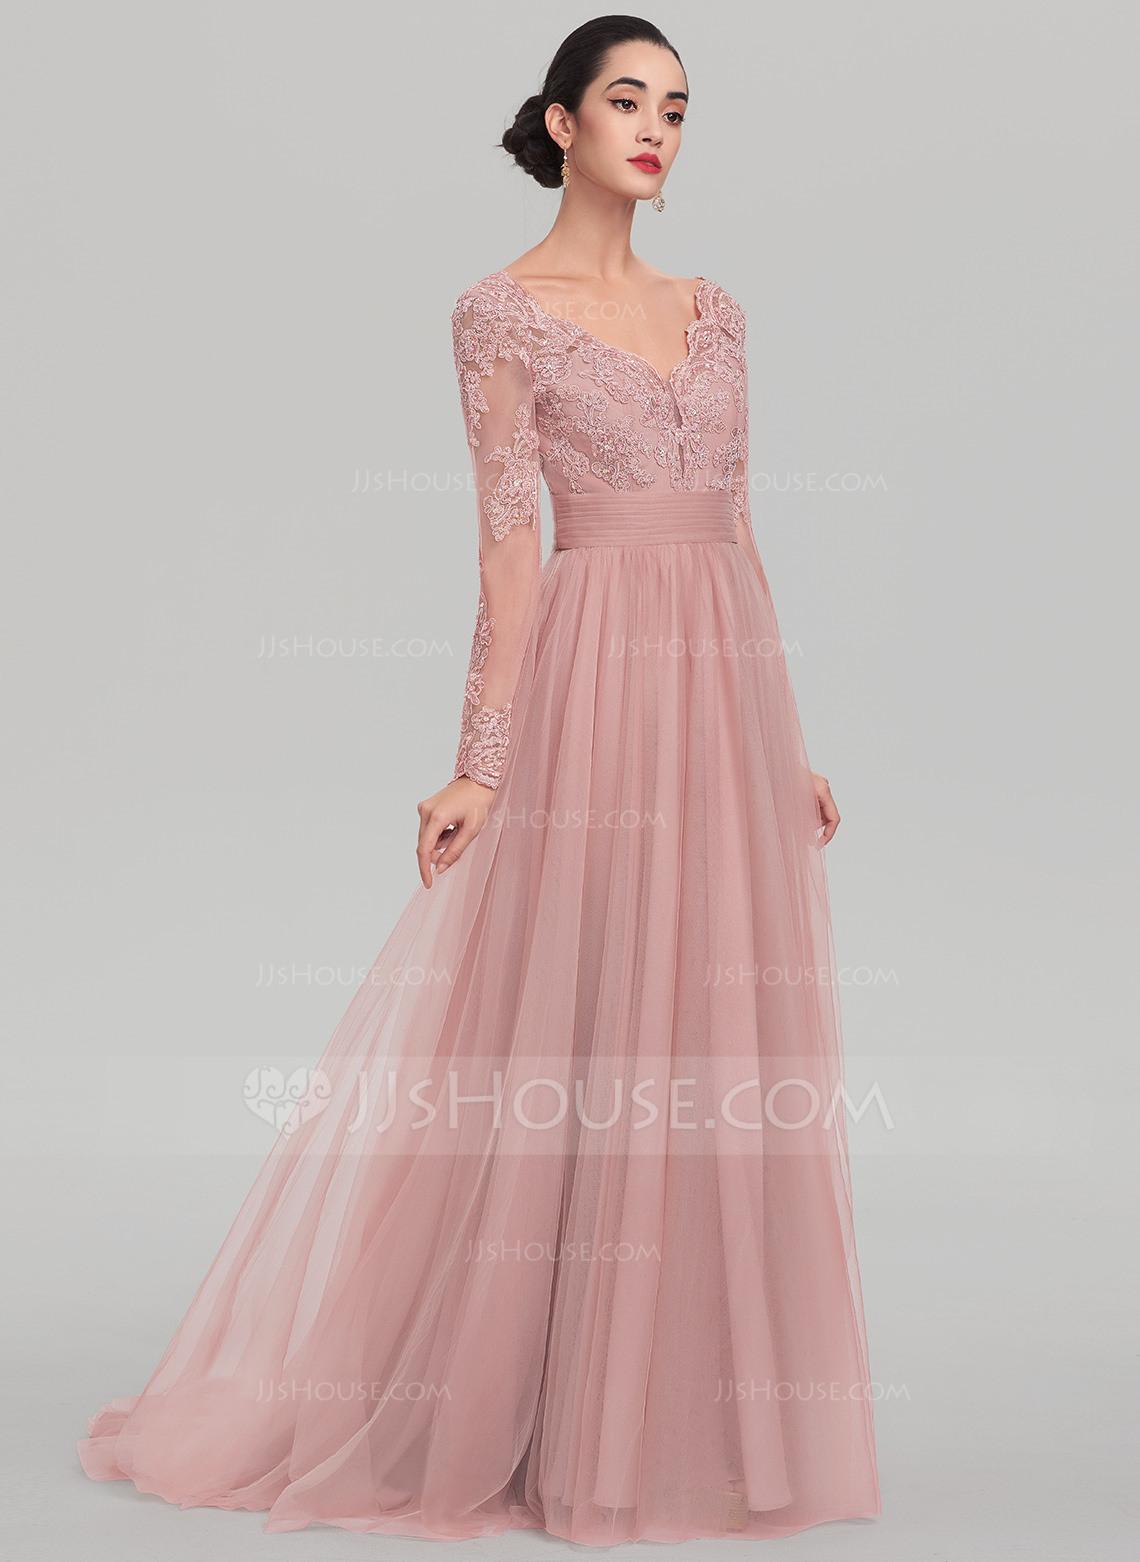 20 Luxus Abendkleid Jjshouse Bester PreisAbend Leicht Abendkleid Jjshouse Design